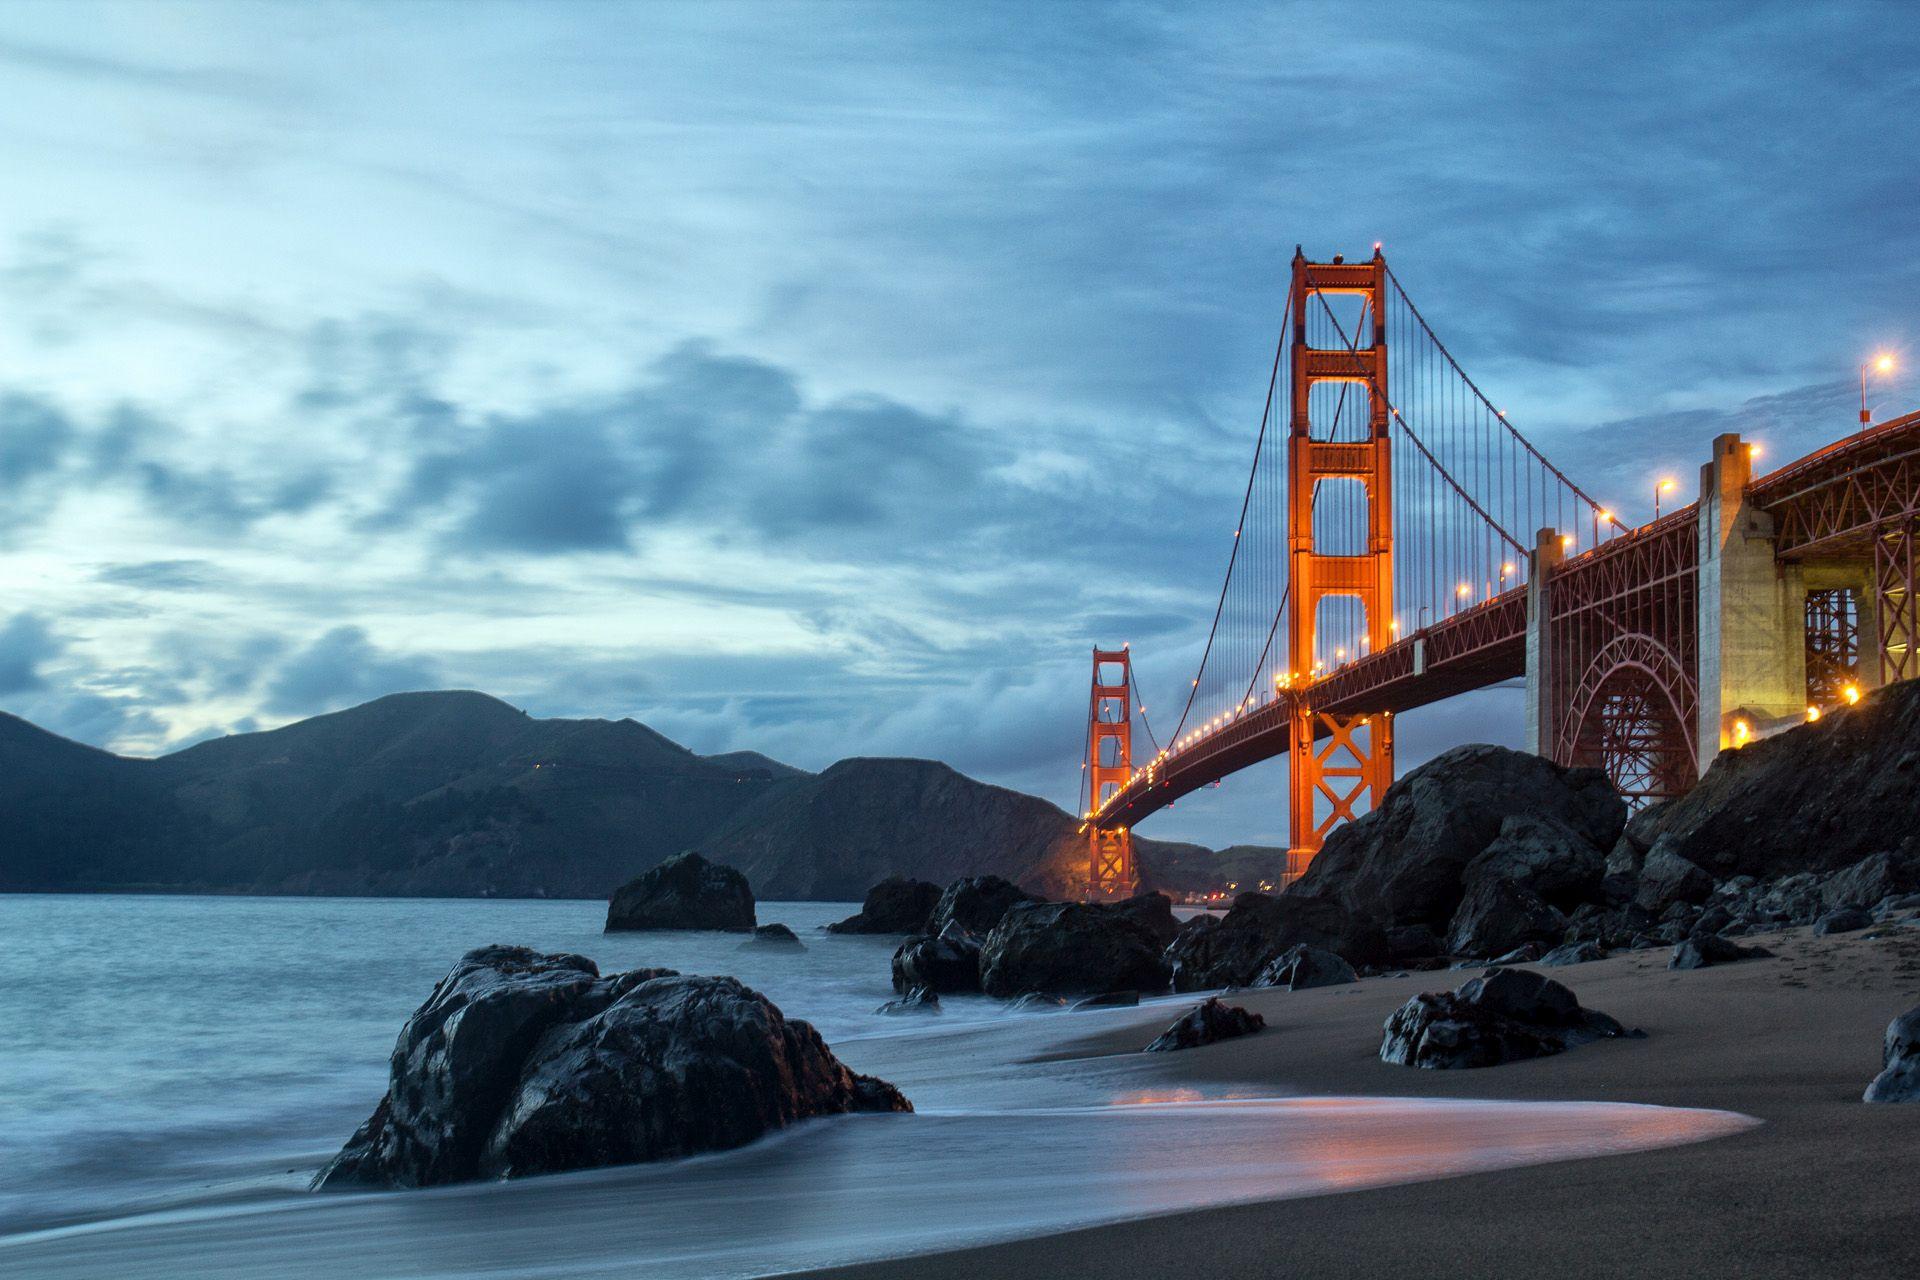 Golden Gate Bridge | San Francisco, California, USA